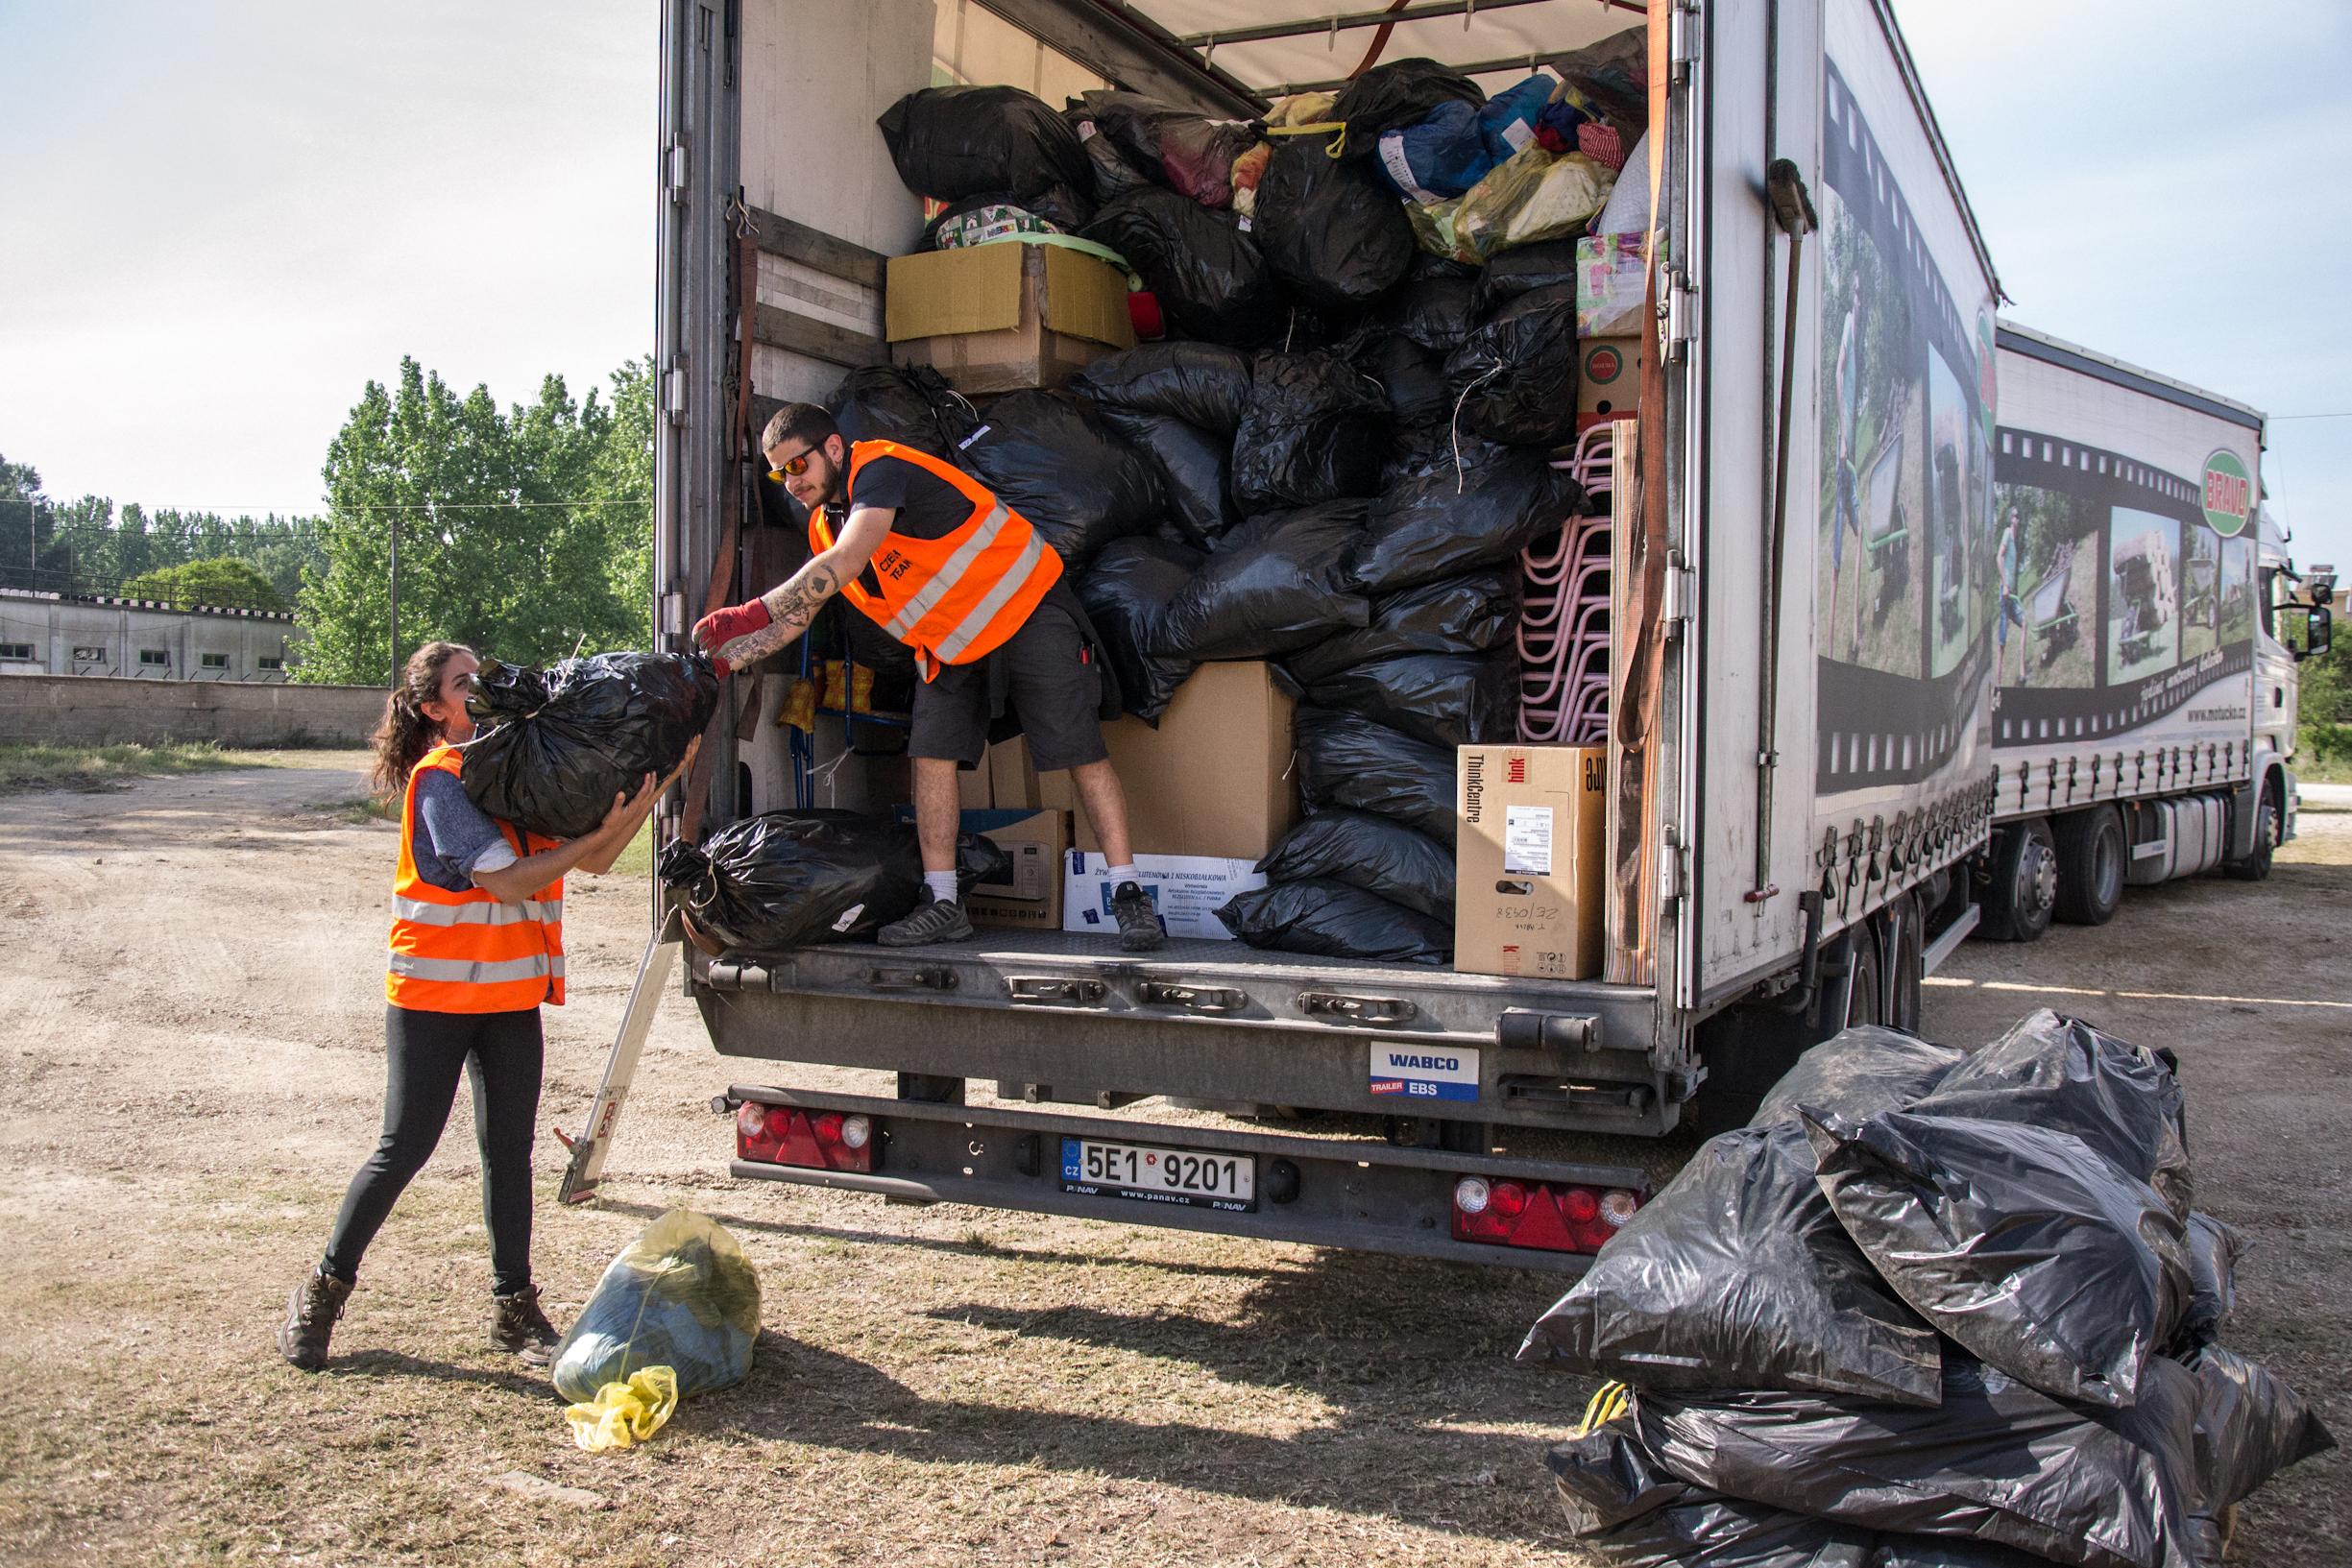 Problémová situace v Řecku oživila pašerácké cesty do Evropy